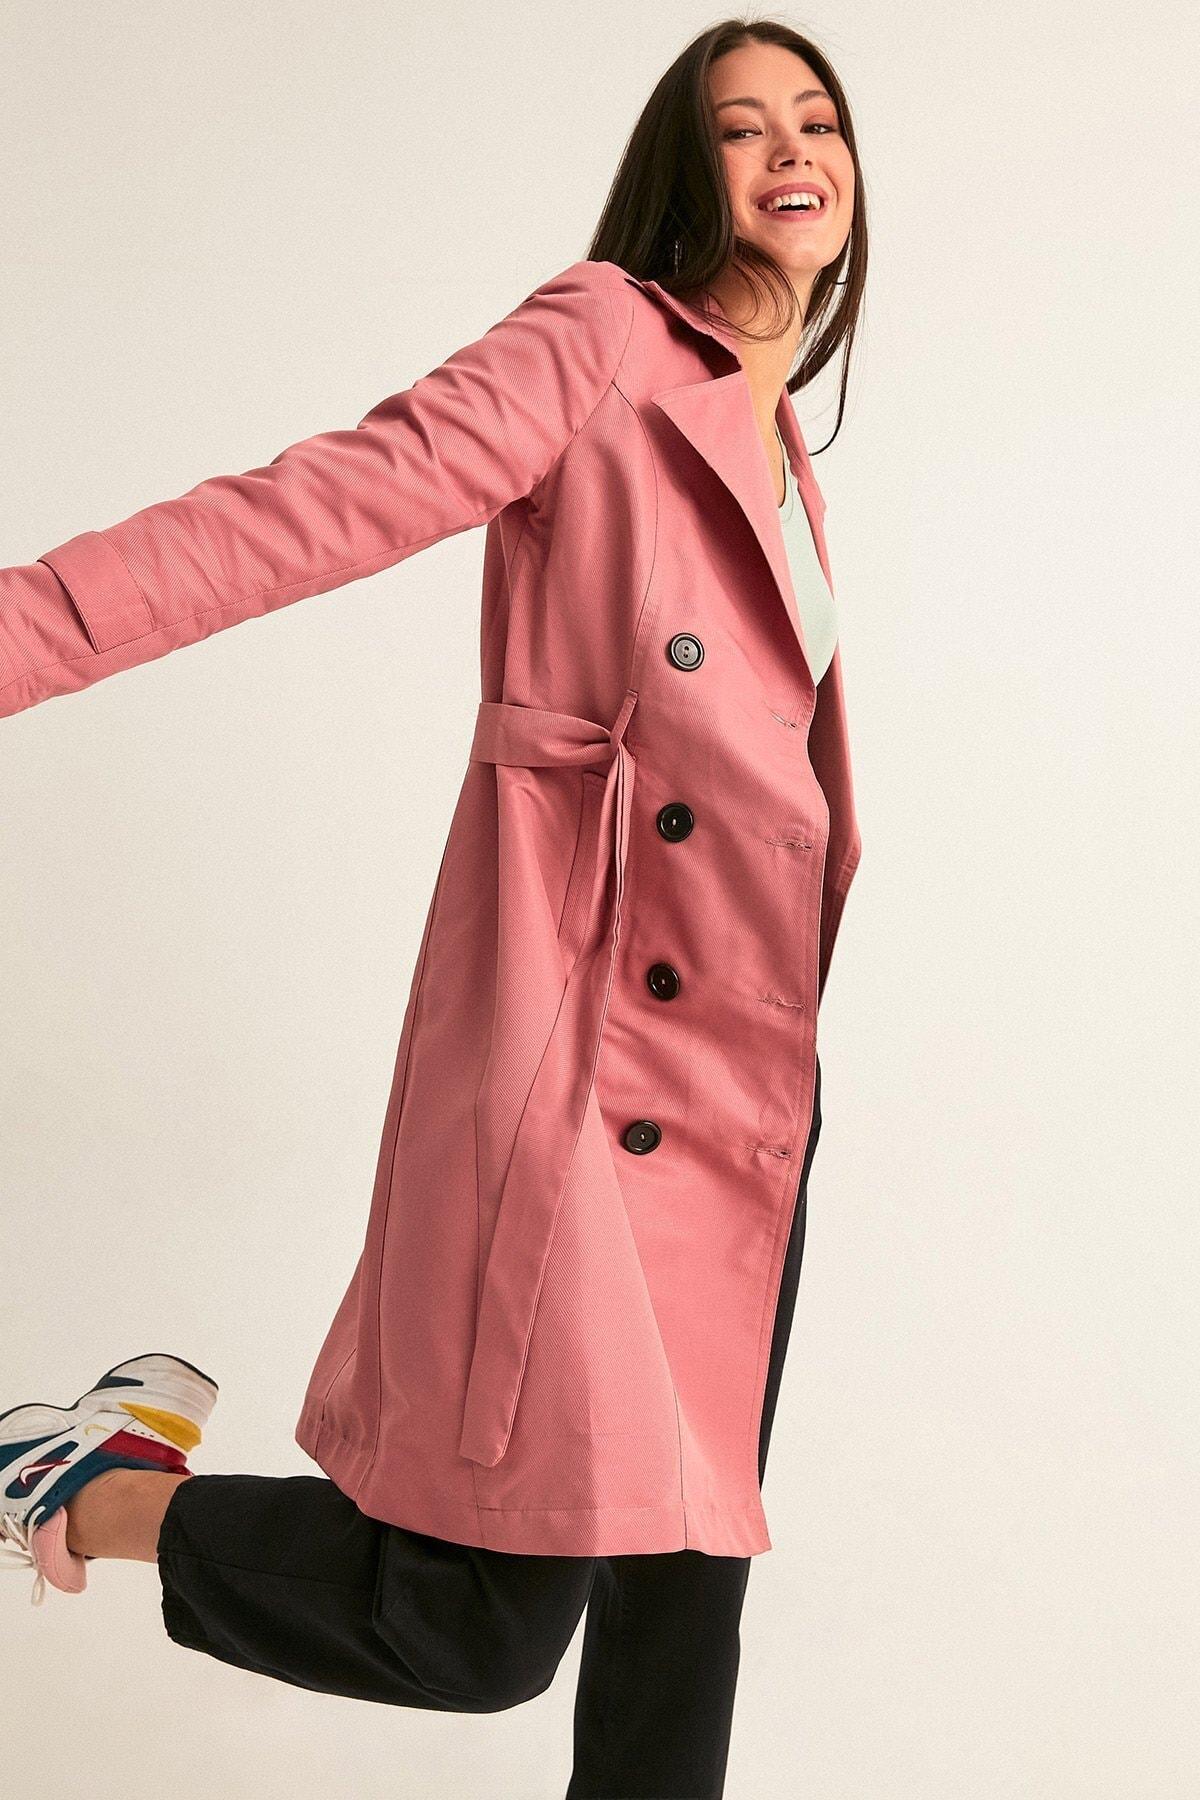 Fulla Moda Kadın Gül Rengi Uzun Basic Trençkot 1